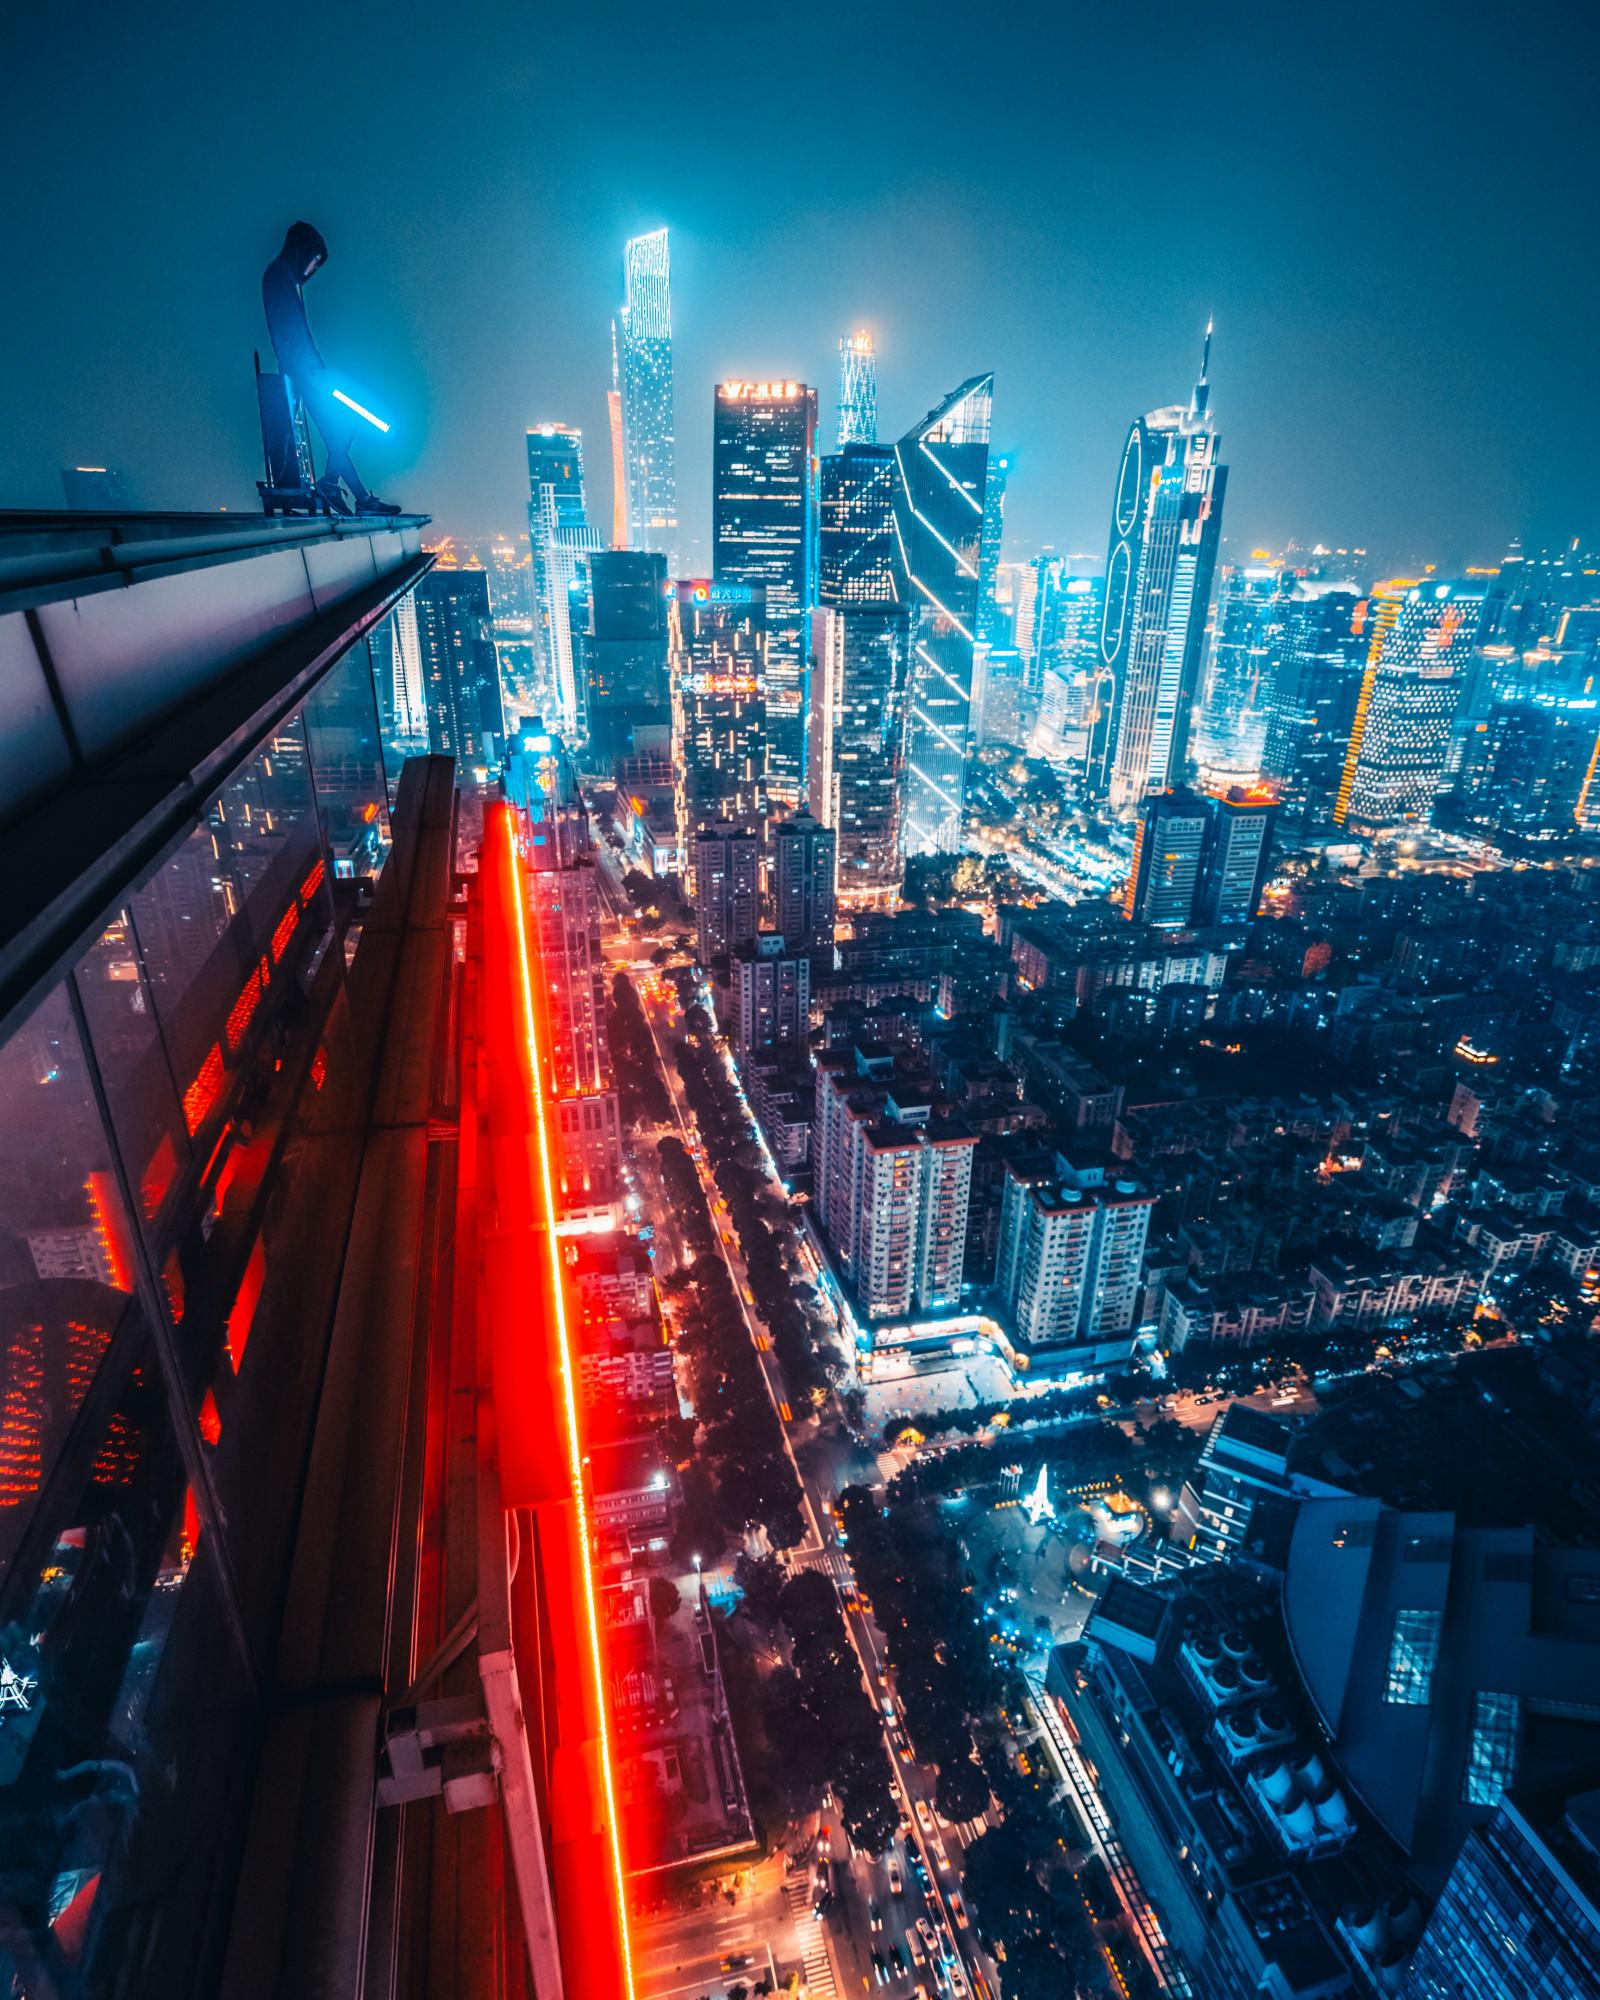 Wallpaper : Simon Zhu, Guangzhou, China, Night, Urban